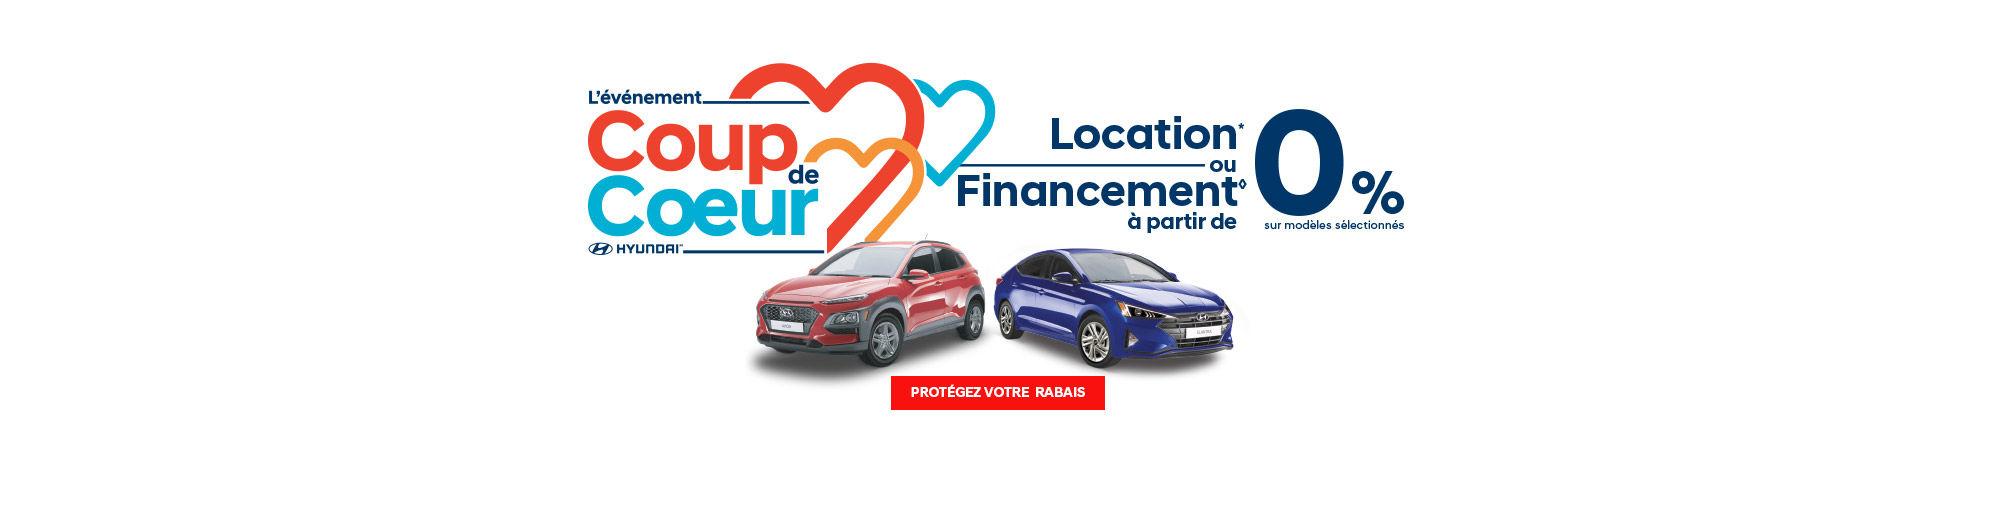 Hyundai Main header Juillet 2019 Coup de coeur